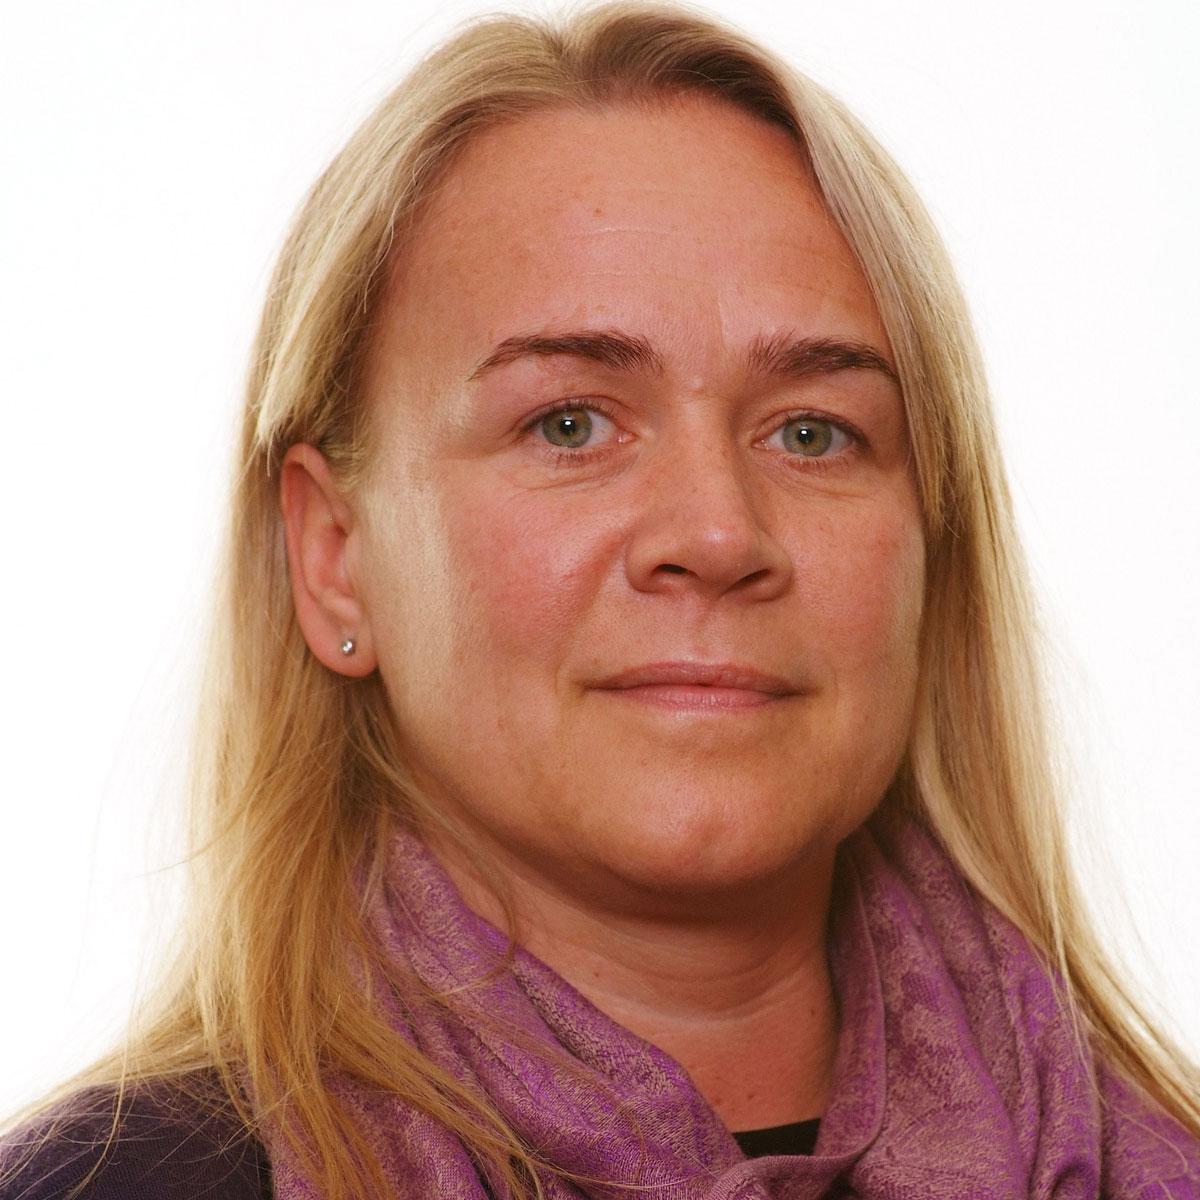 Justine Marriott